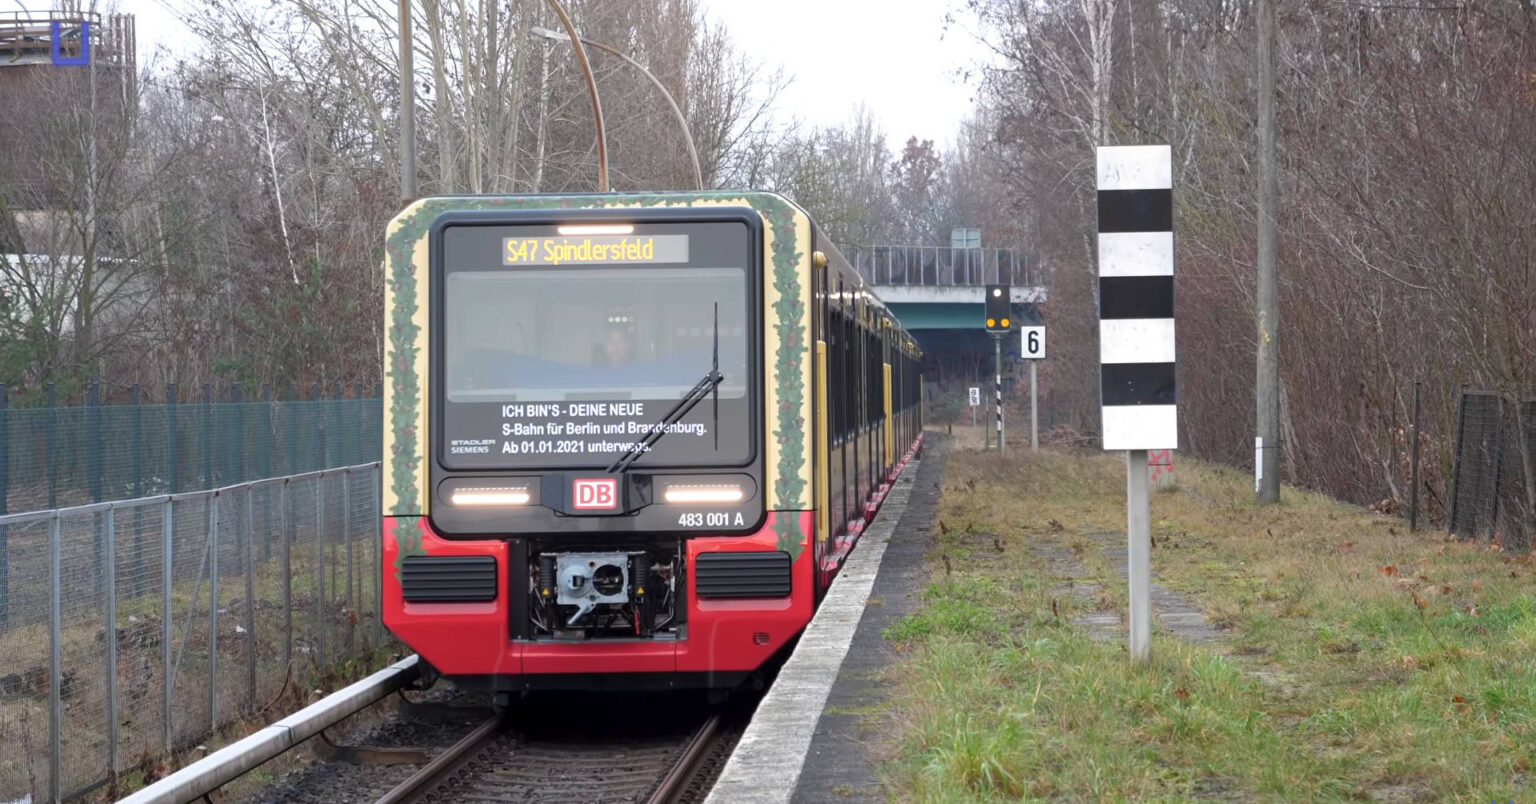 La 483 001 con la decoración especial de inauguración de la serie entrando en Spindlersfeld. © UNDERGROUNDBERLIN, captura de pantalla.